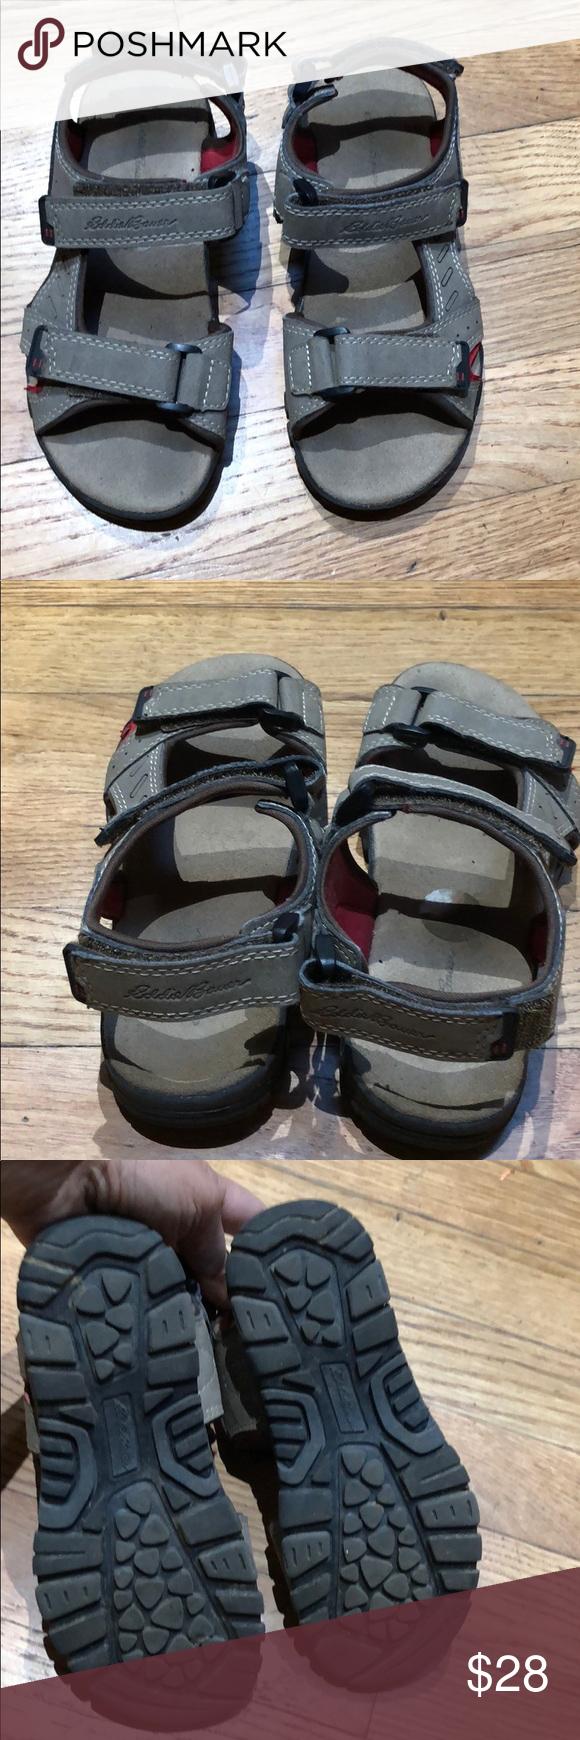 Eddie Bauer boys suede sandals size 131 Suede sandals